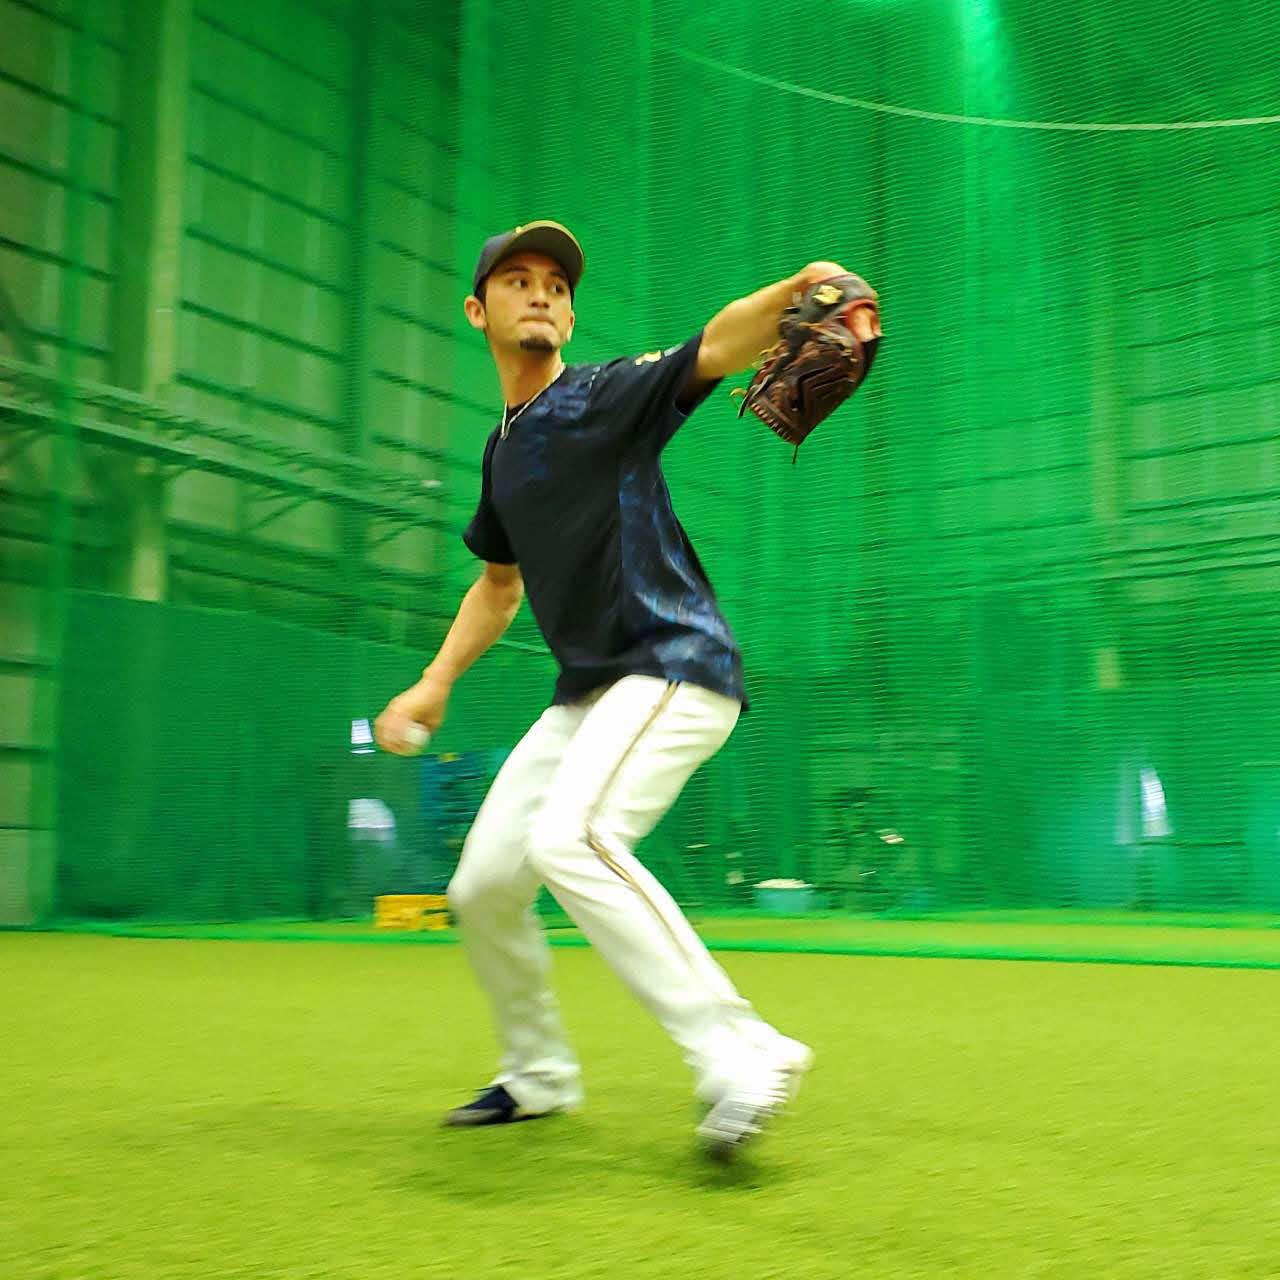 大阪・舞洲の球団施設で調整するオリックス鈴木優投手(球団提供)